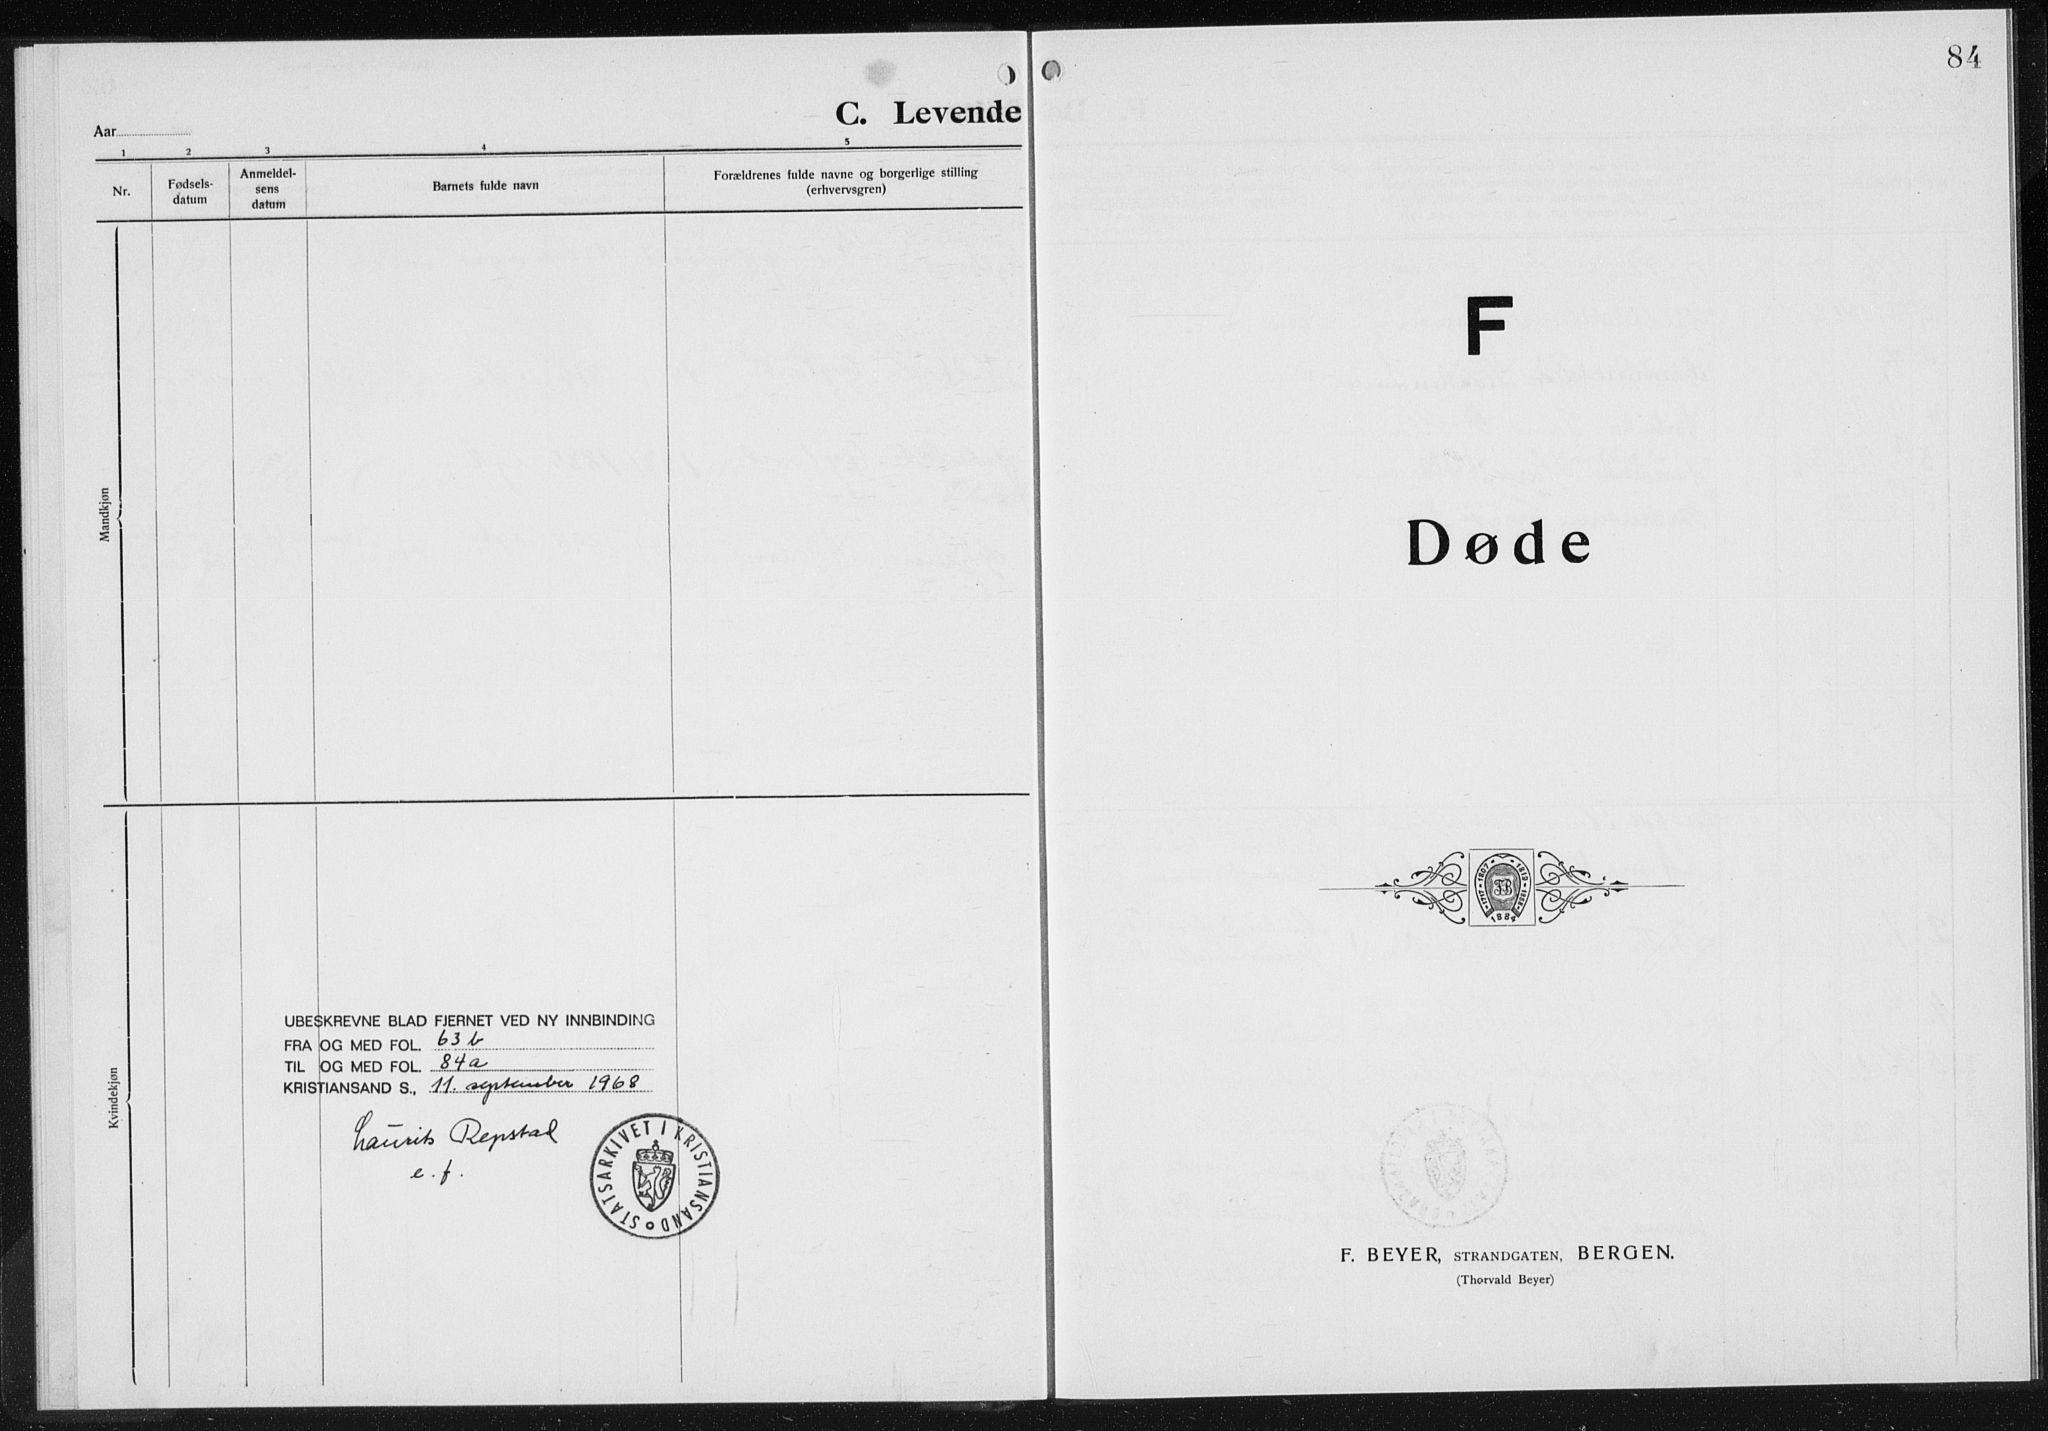 SAK, Baptistmenigheten i Gyland, F/Fa/L0001: Dissenterprotokoll nr. F 1, 1902-1937, s. 84